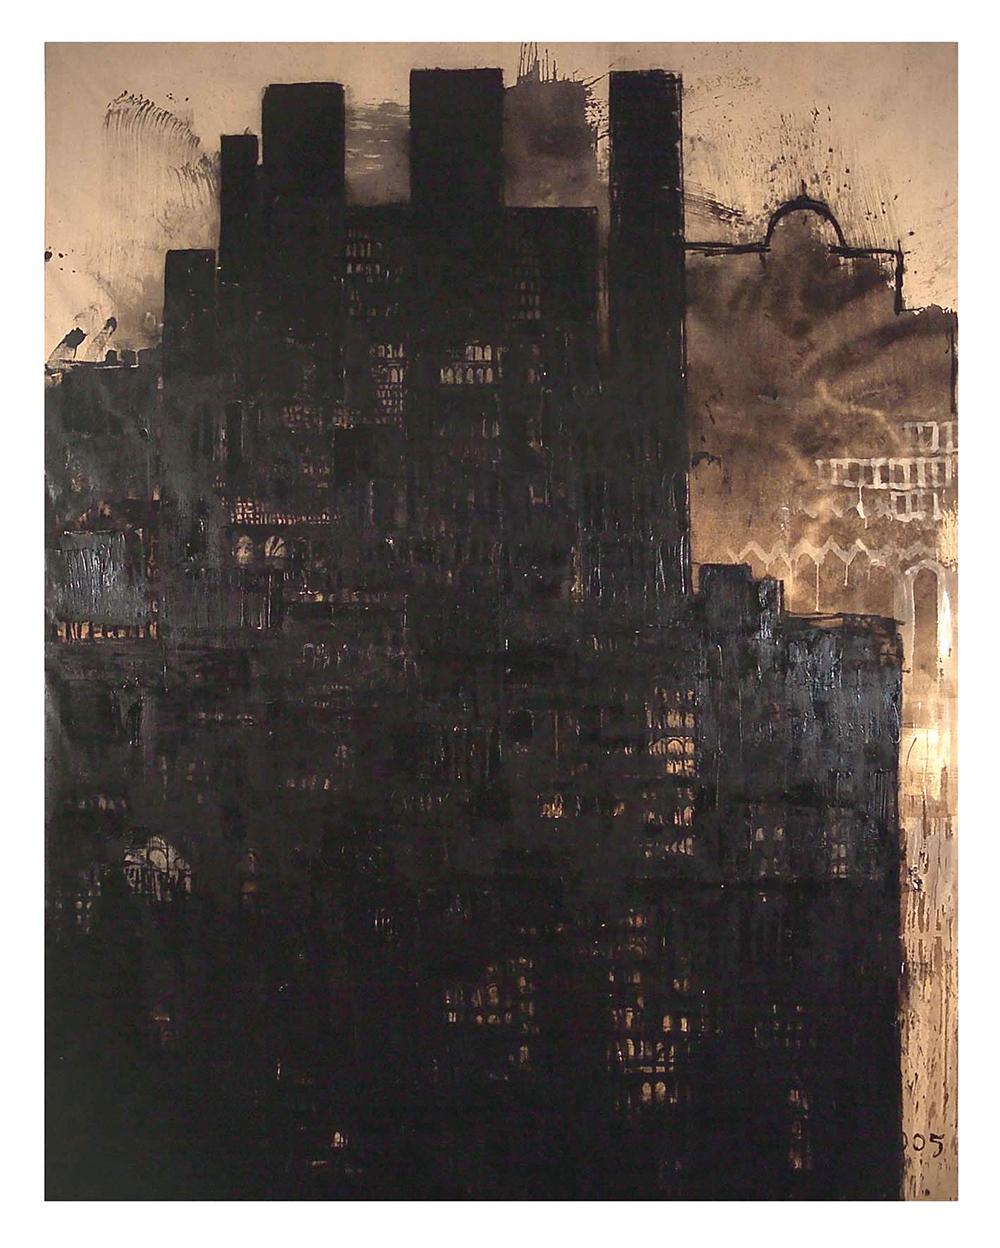 Cattedrale, 2004, olio su tela, cm 400x308 - Collez. Carisbo S. Giorgio in Poggiale, Bologna